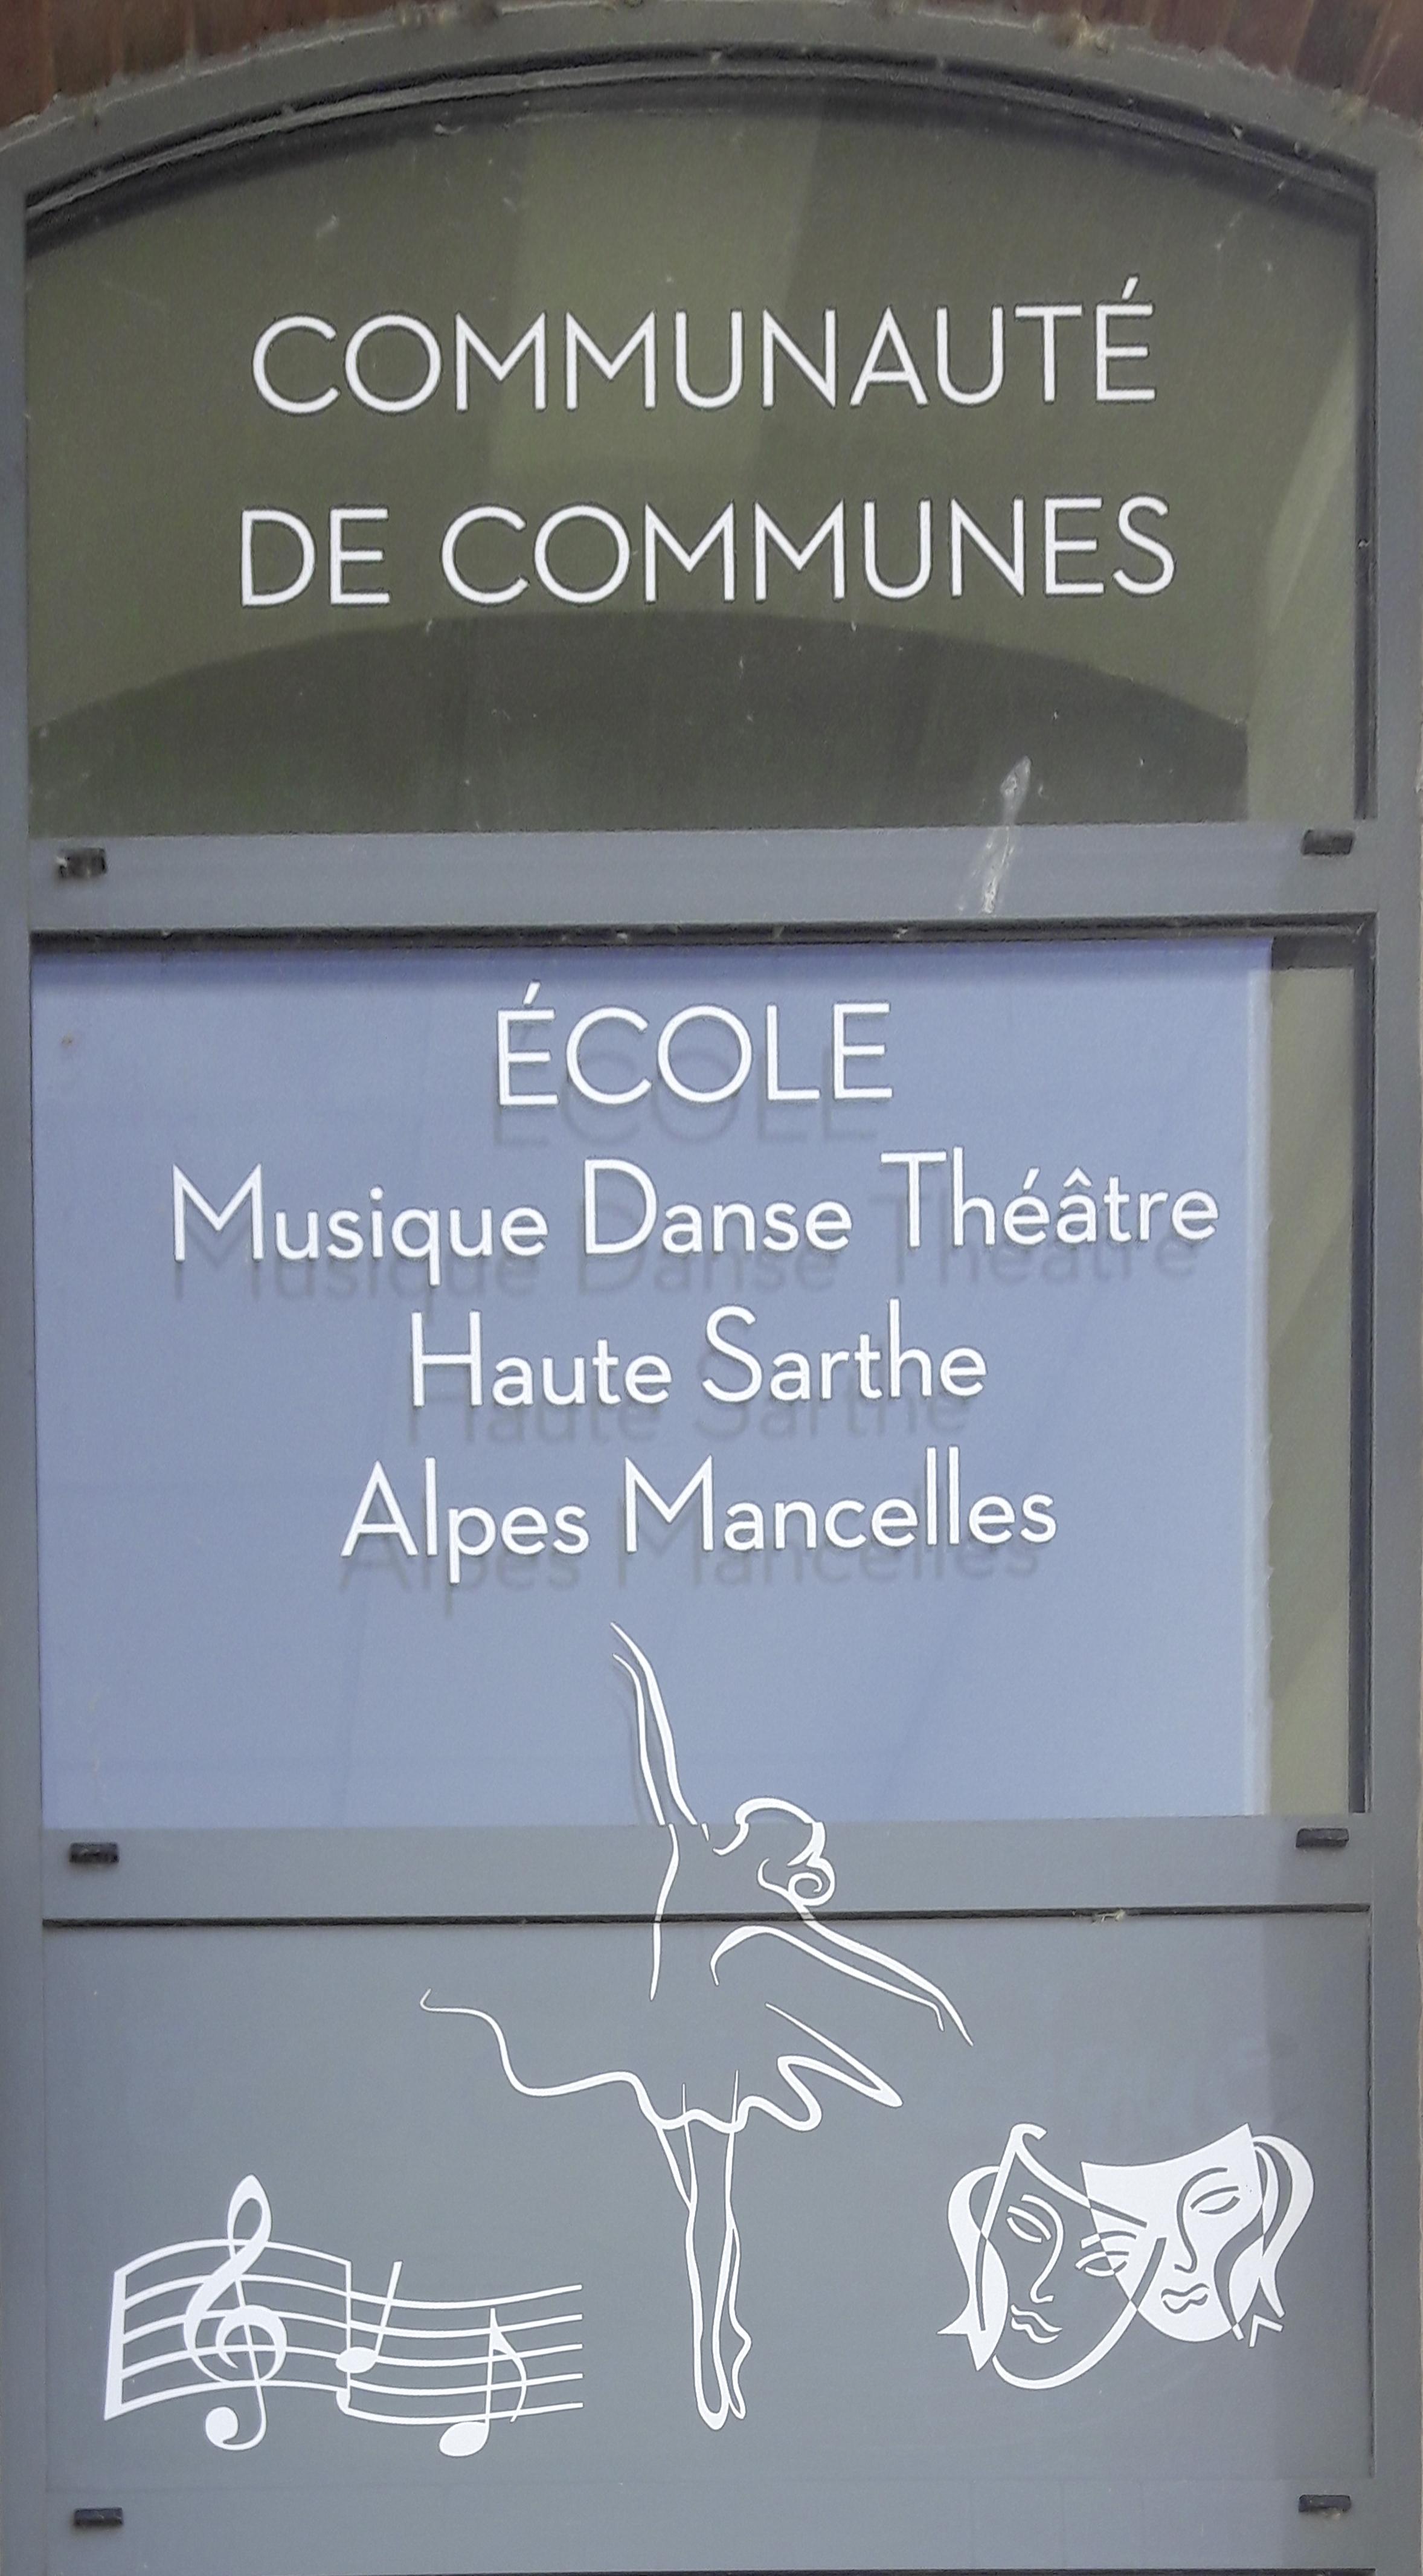 Ecole Musique Danse théatre des Alpes Mancelles